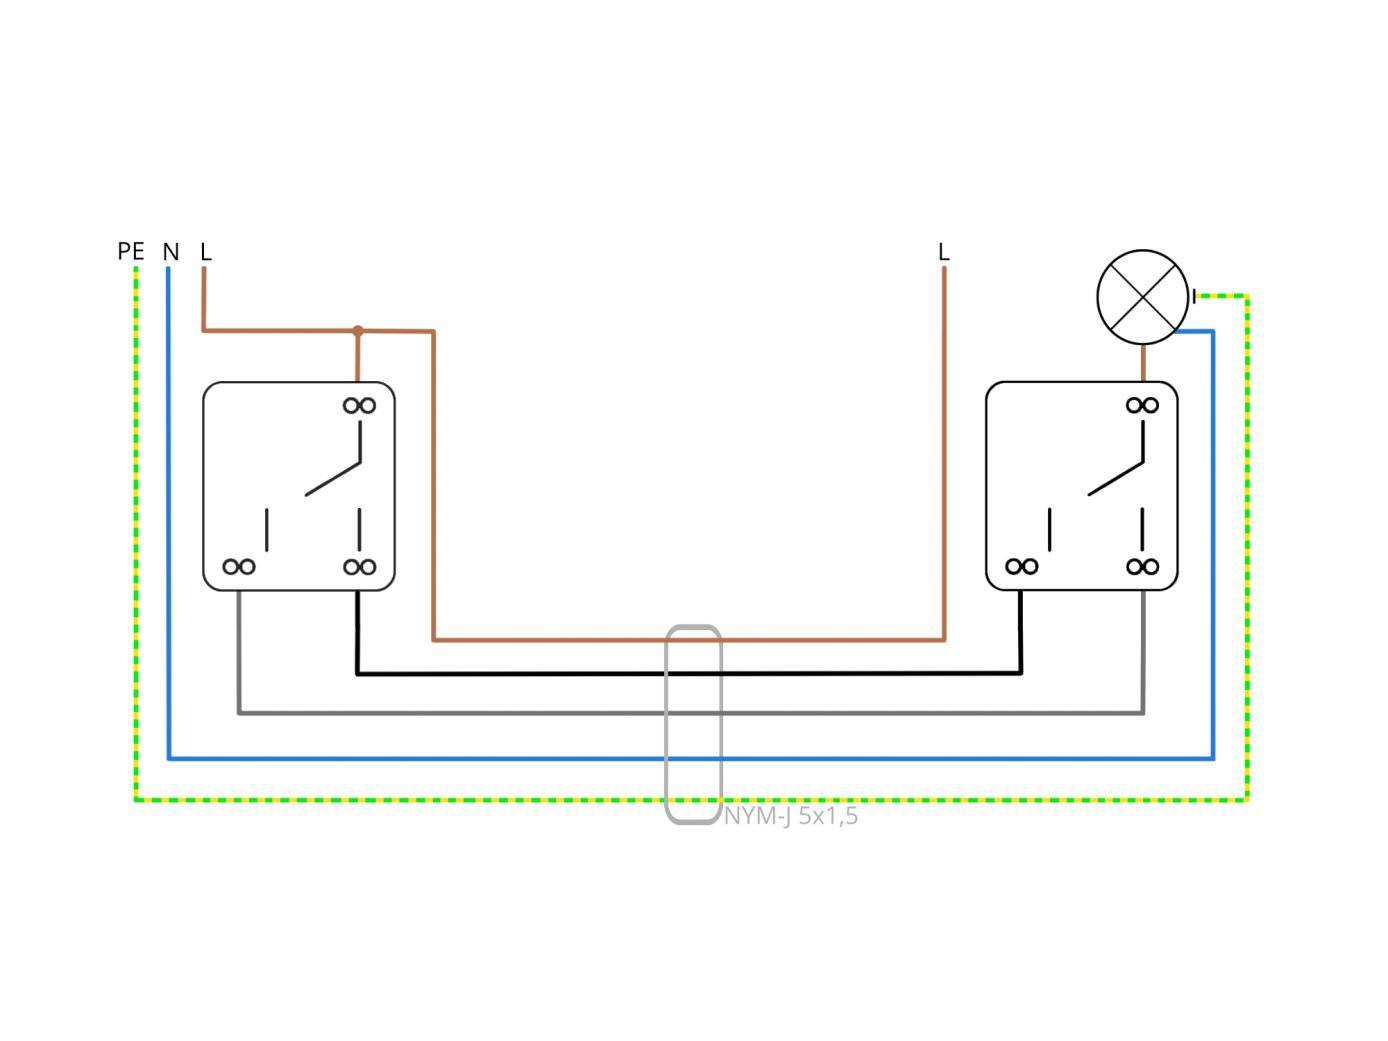 wechselschaltung mit drei adern wiring diagram. Black Bedroom Furniture Sets. Home Design Ideas